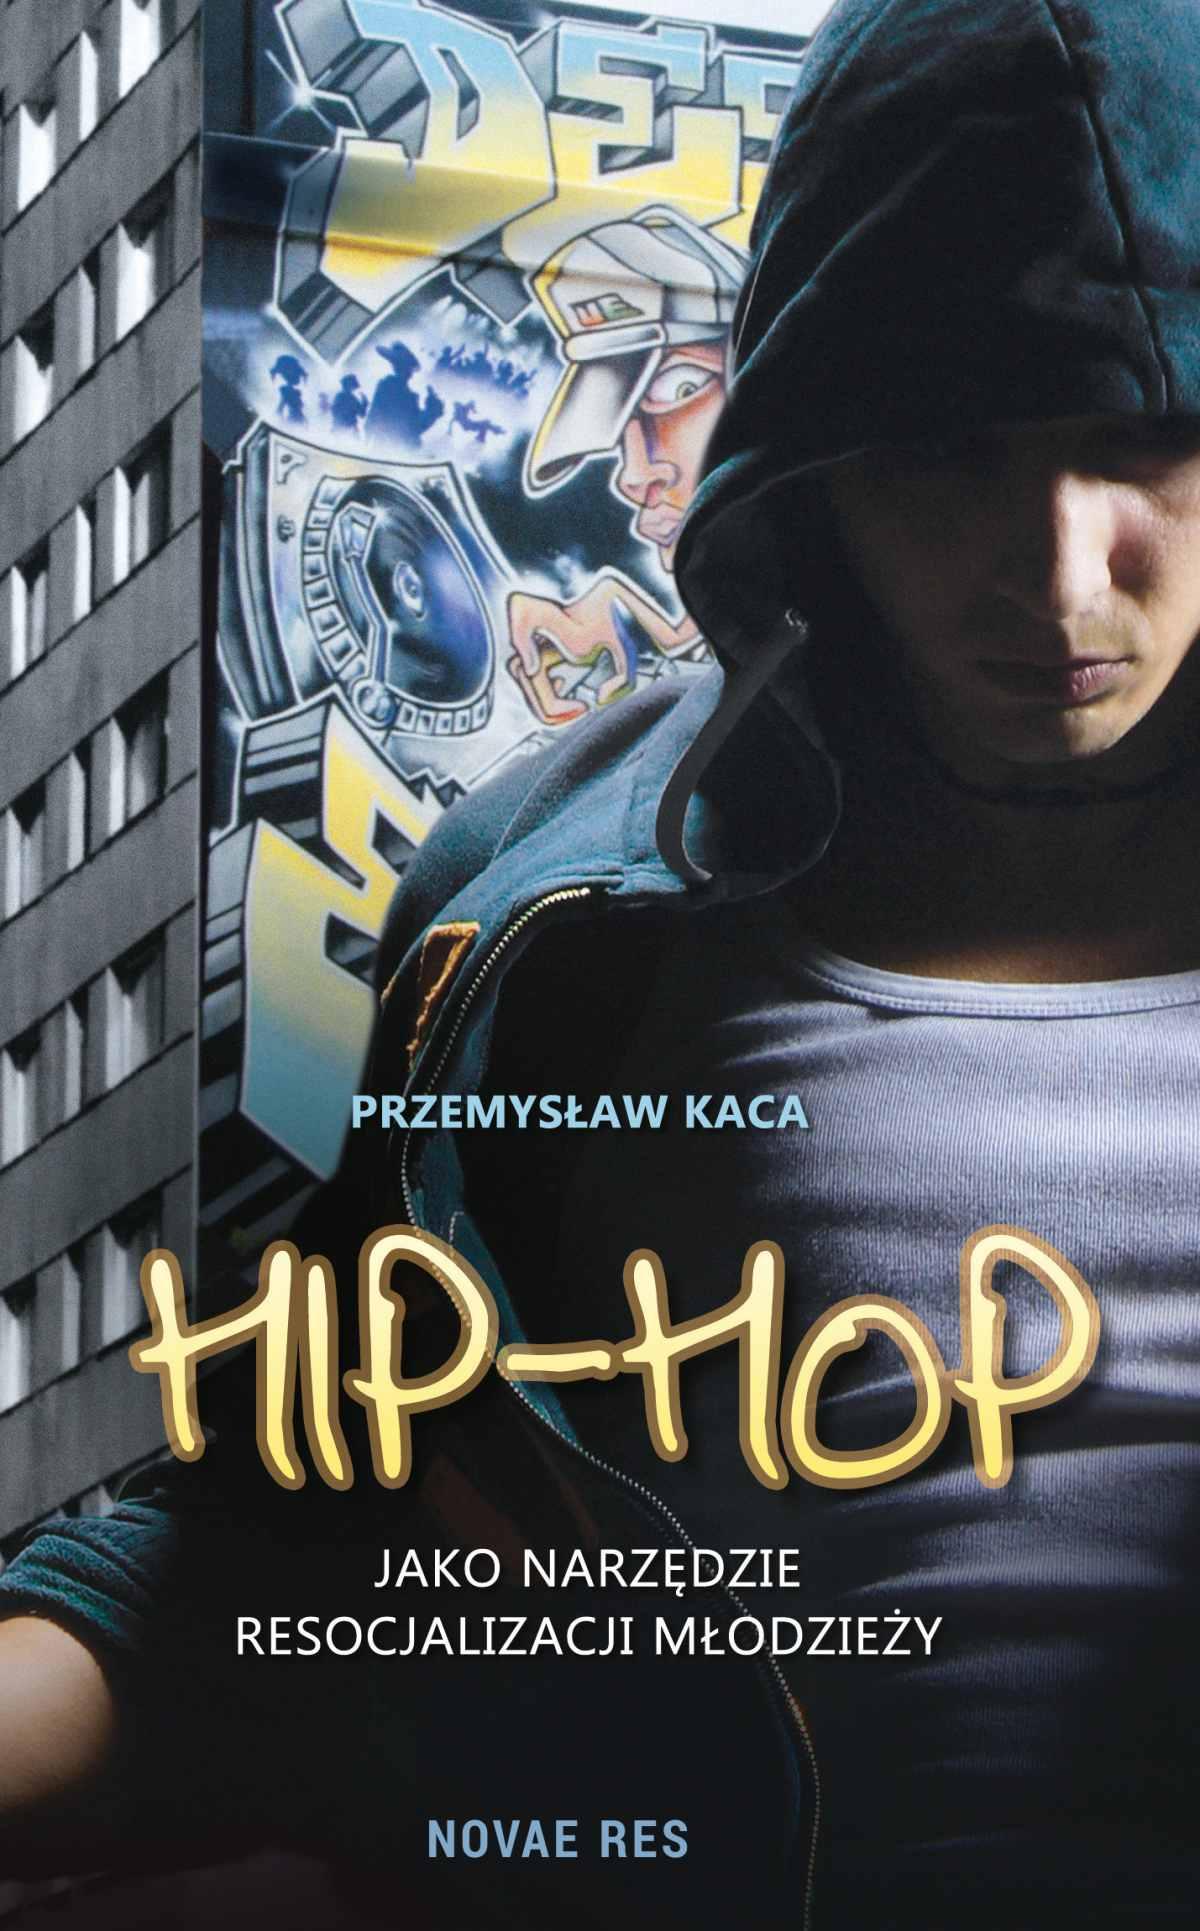 Hip-hop jako narzędzie resocjalizacji młodzieży - Ebook (Książka EPUB) do pobrania w formacie EPUB